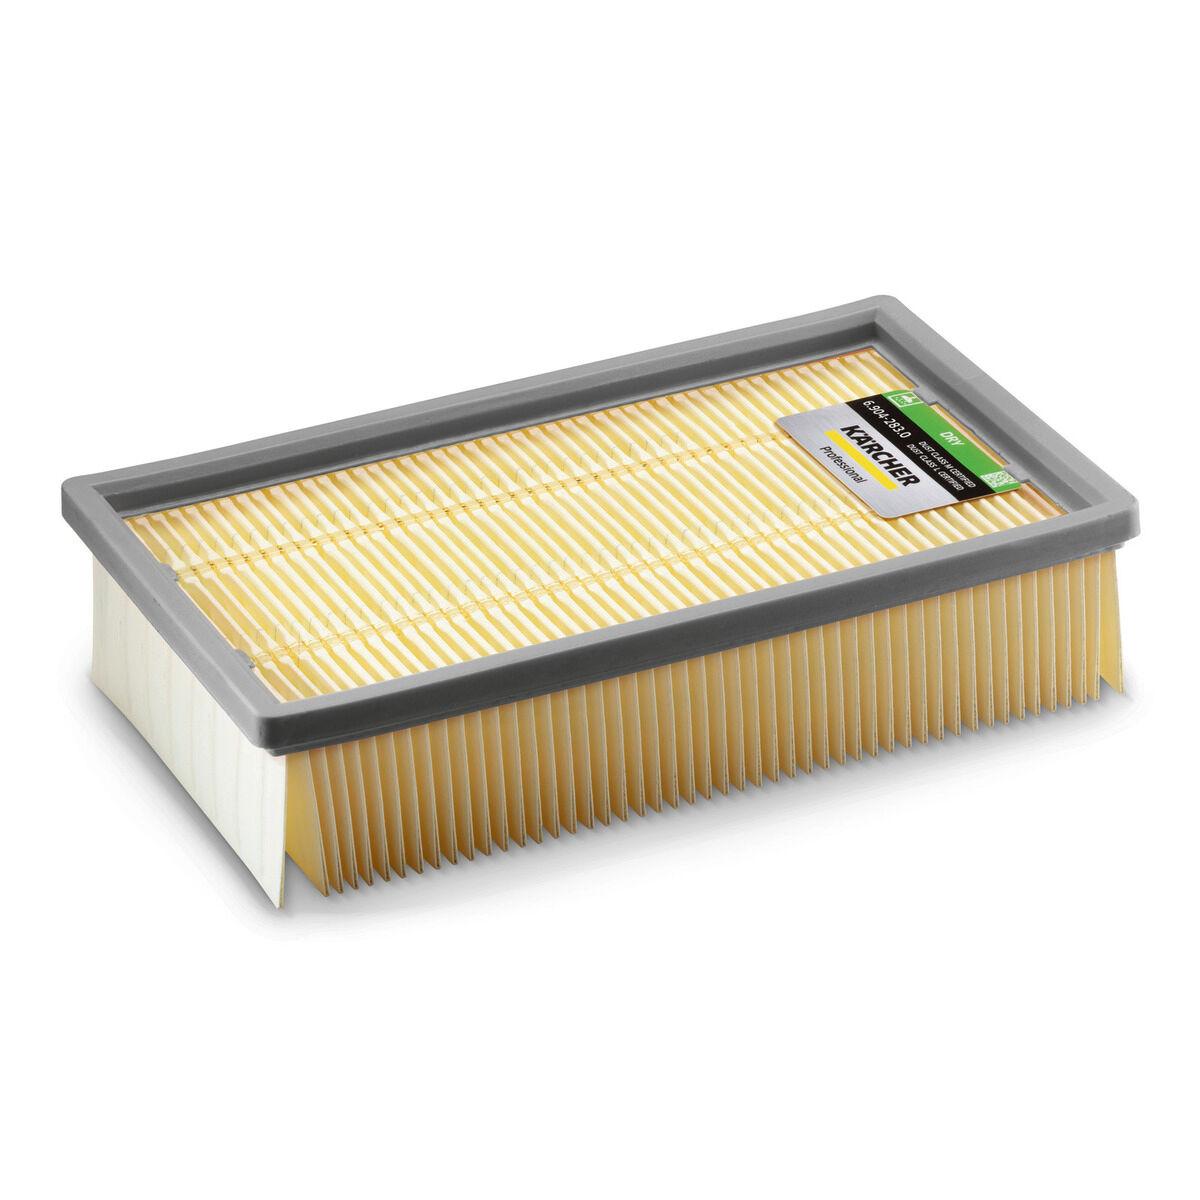 KARCHER Filtre plissé papier plat pour NT 65/2 - KARCHER - 69042830